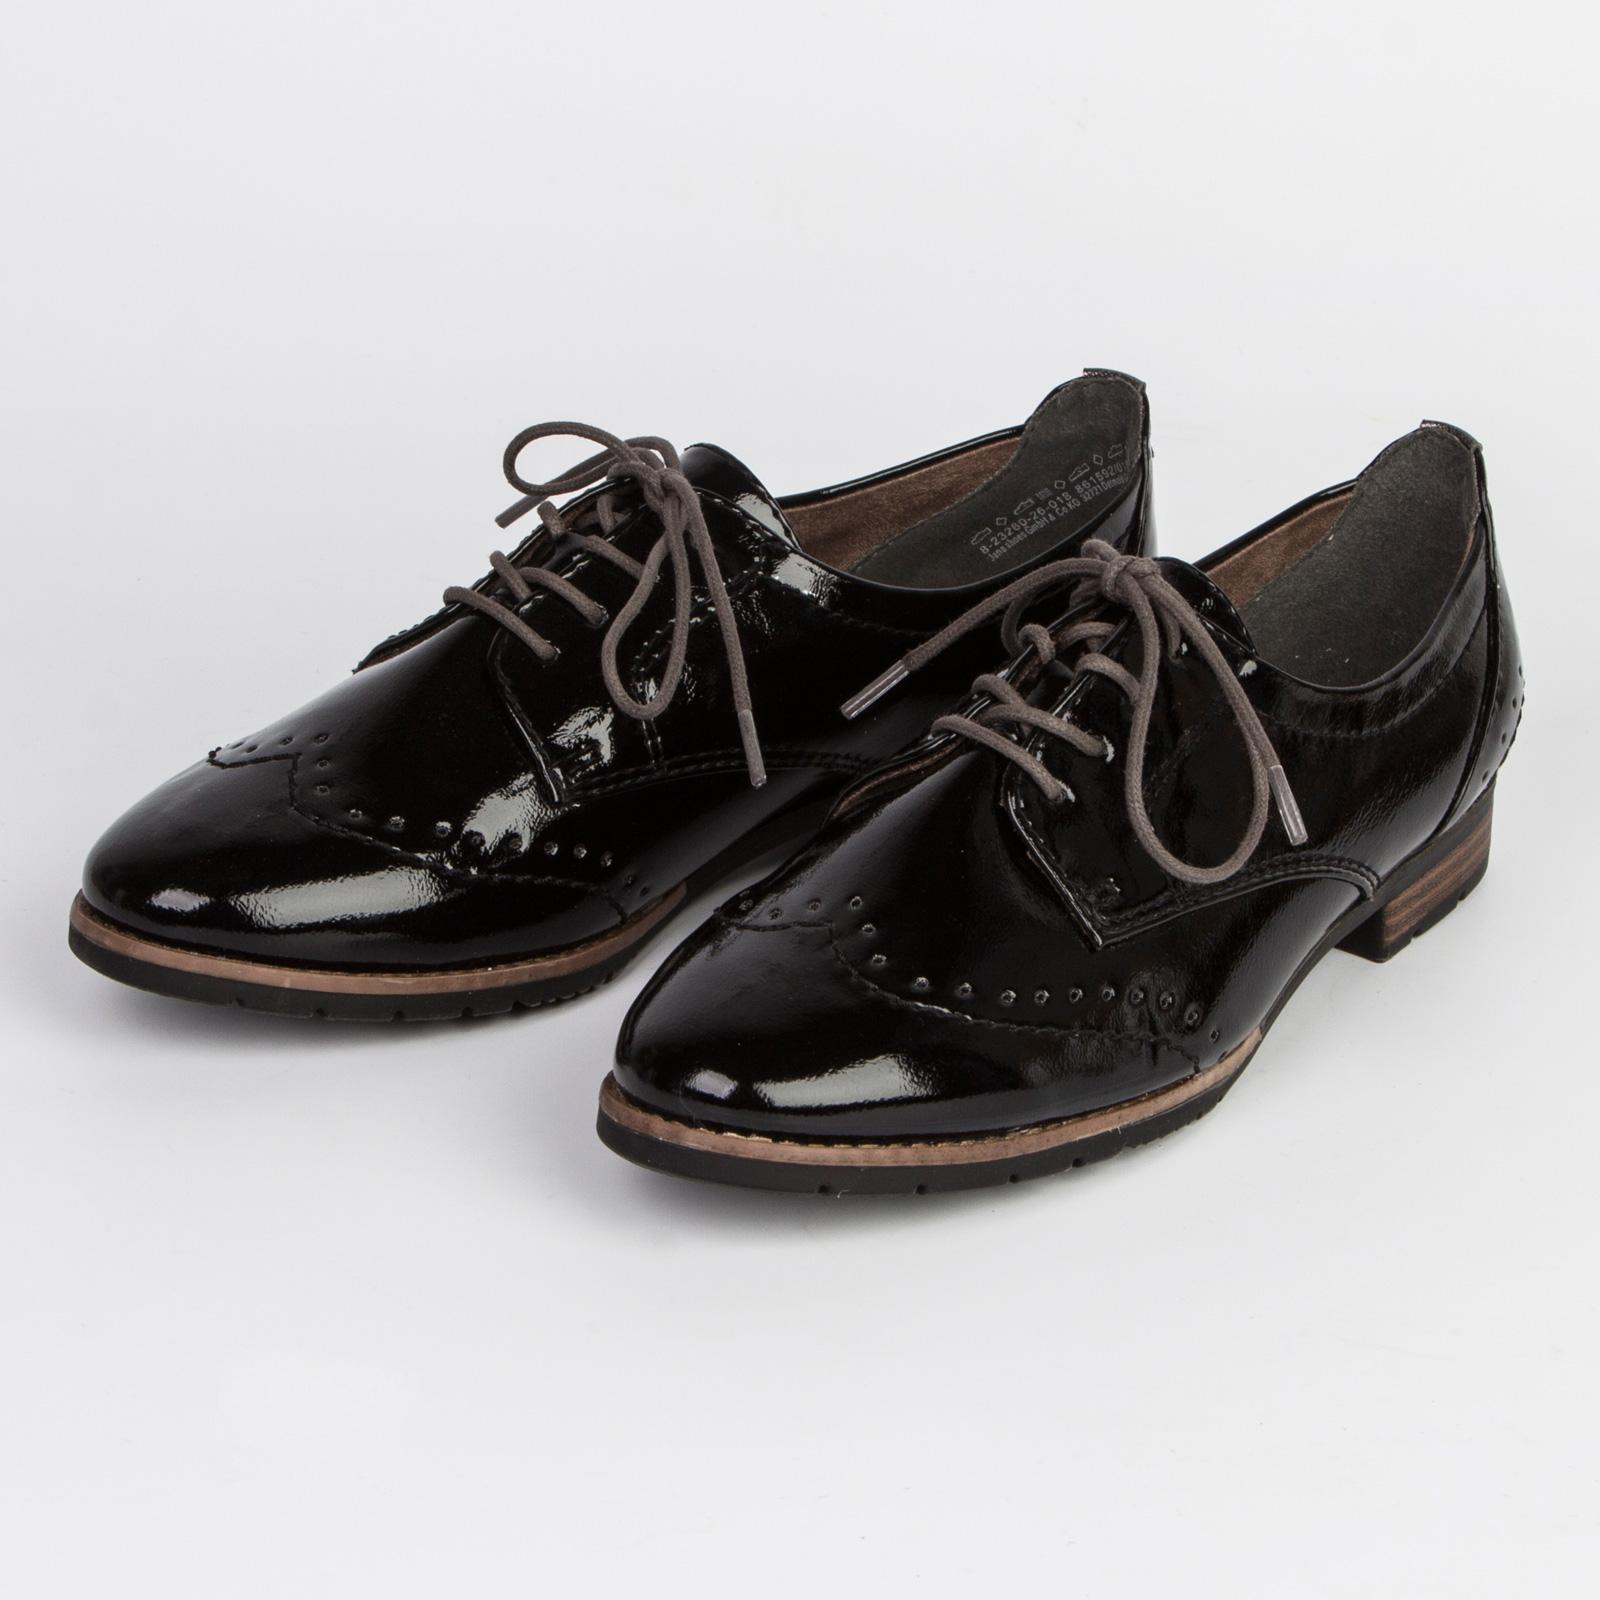 Ботинки женские на шнуровке украшенные перфорацией